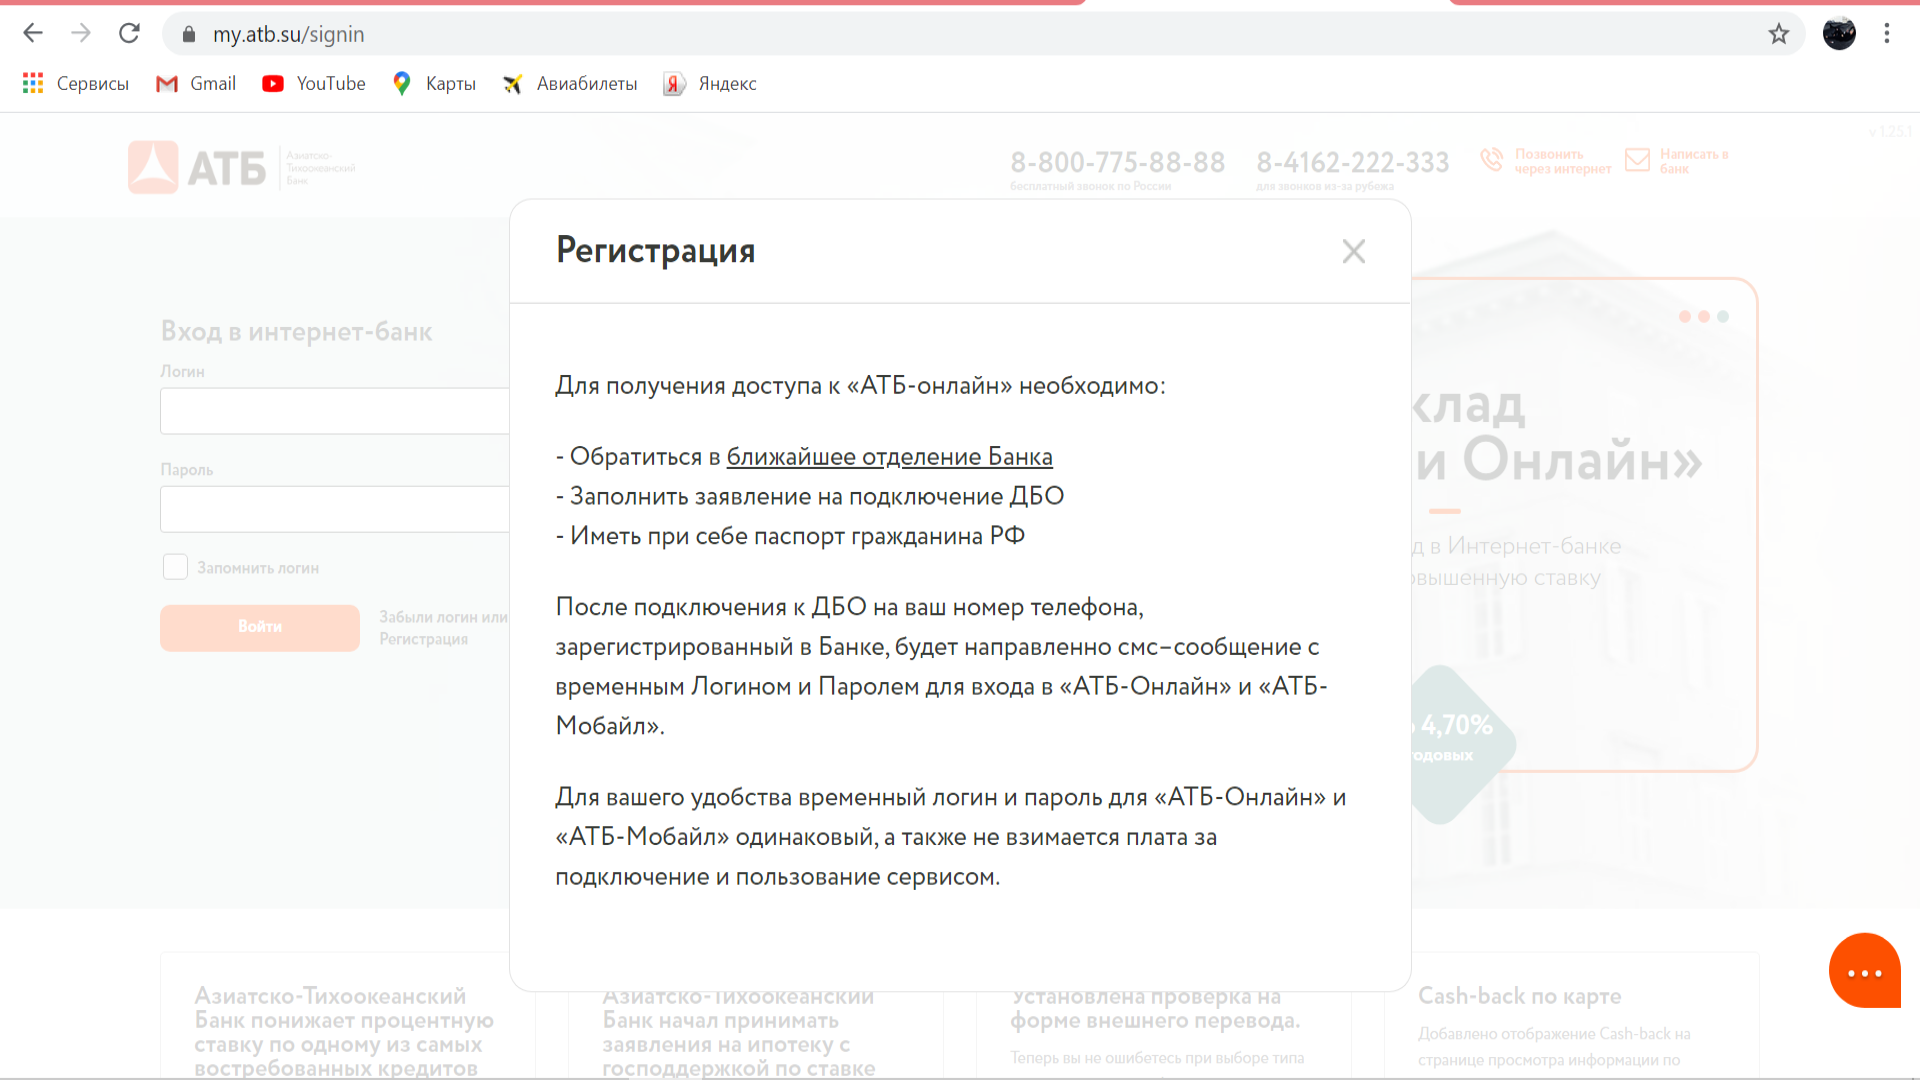 регистрация личного кабинета атб онлайн